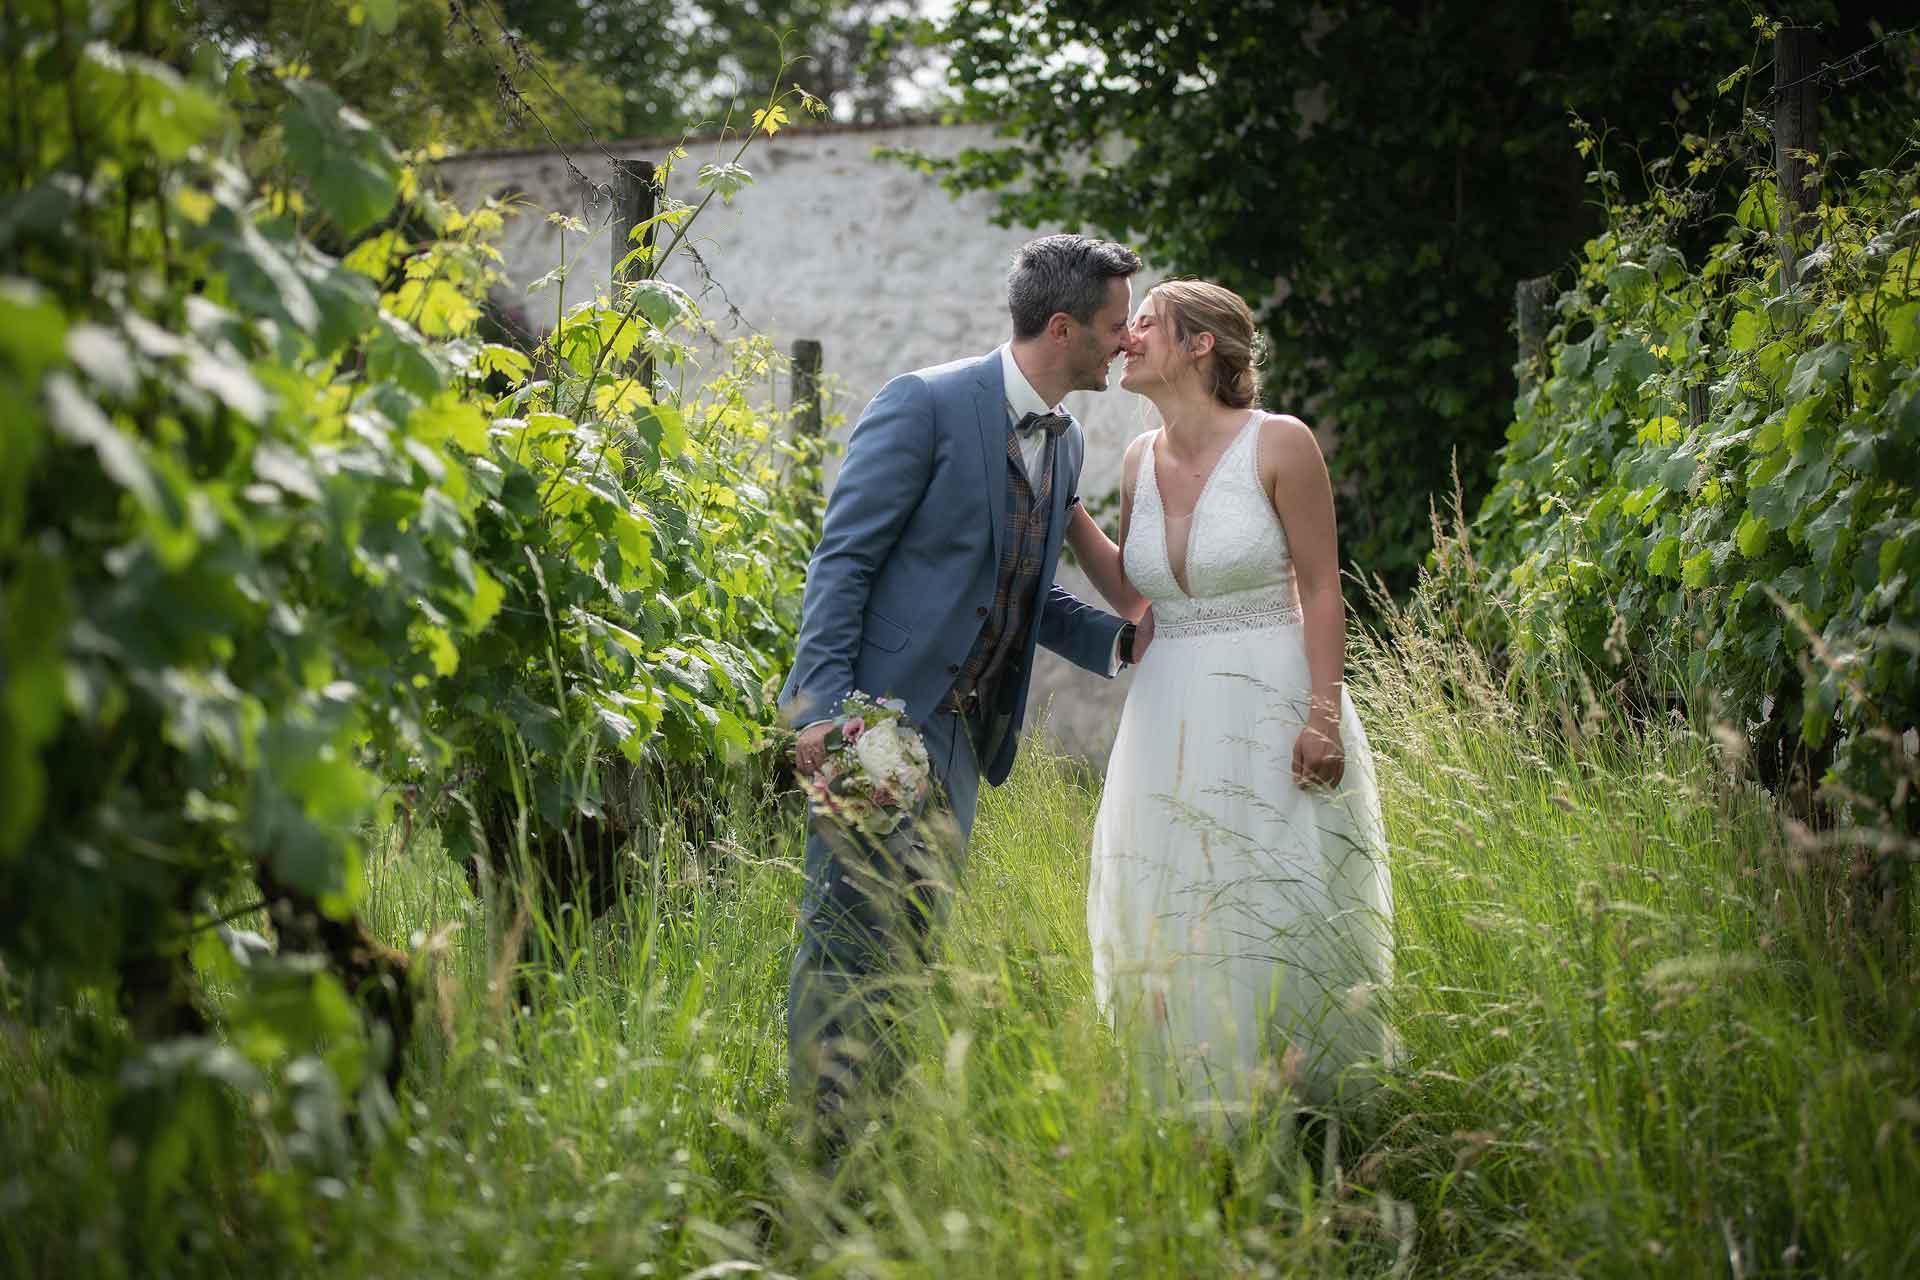 Kautause Ittingen wedding photo shoot